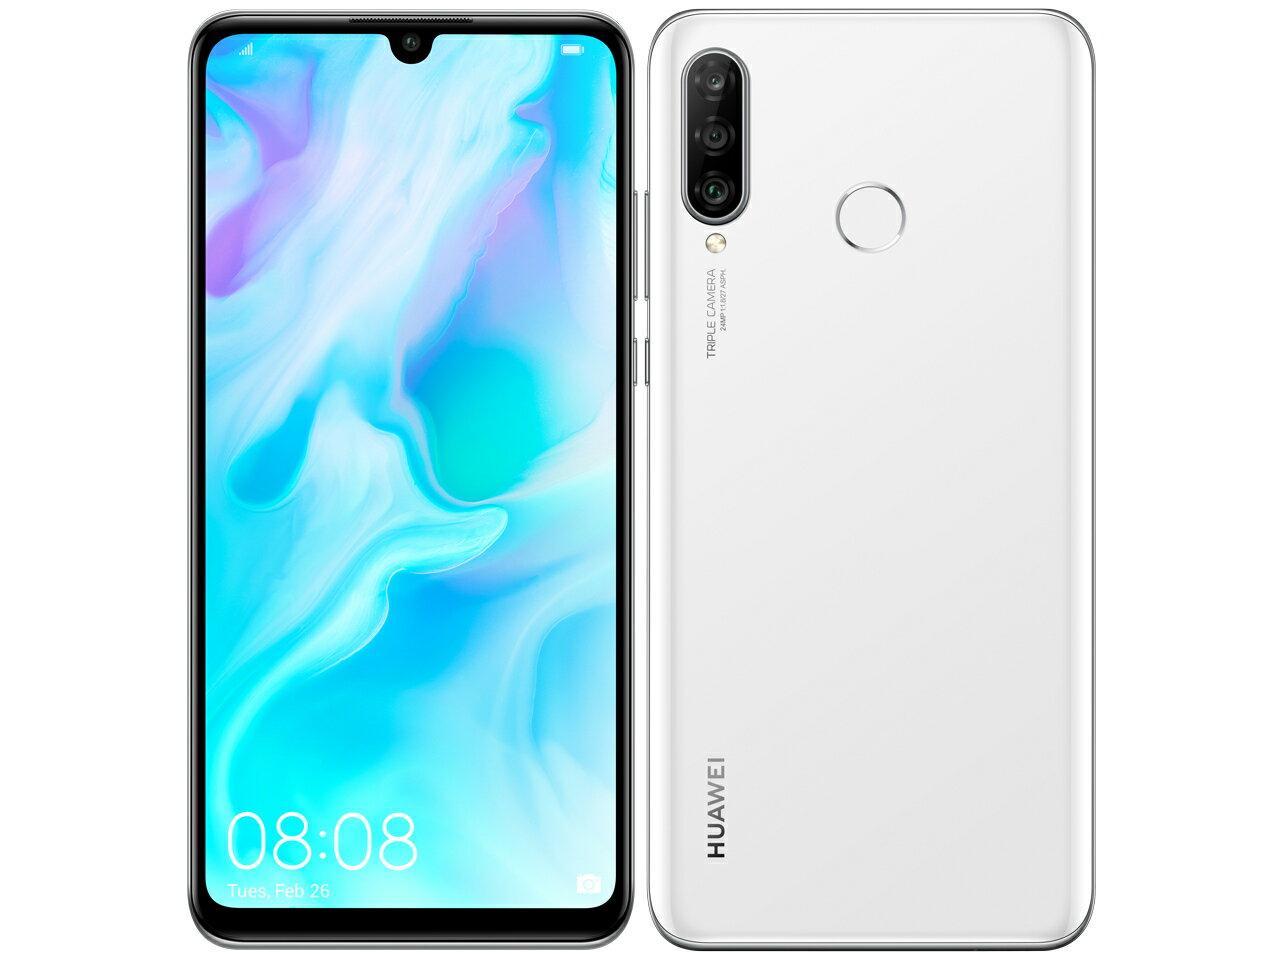 Huawei/simフリー/P30 lite/MAR-LX2/P30lite/P20lite/「新品 未開封品」Huawei simフリー P30 li...